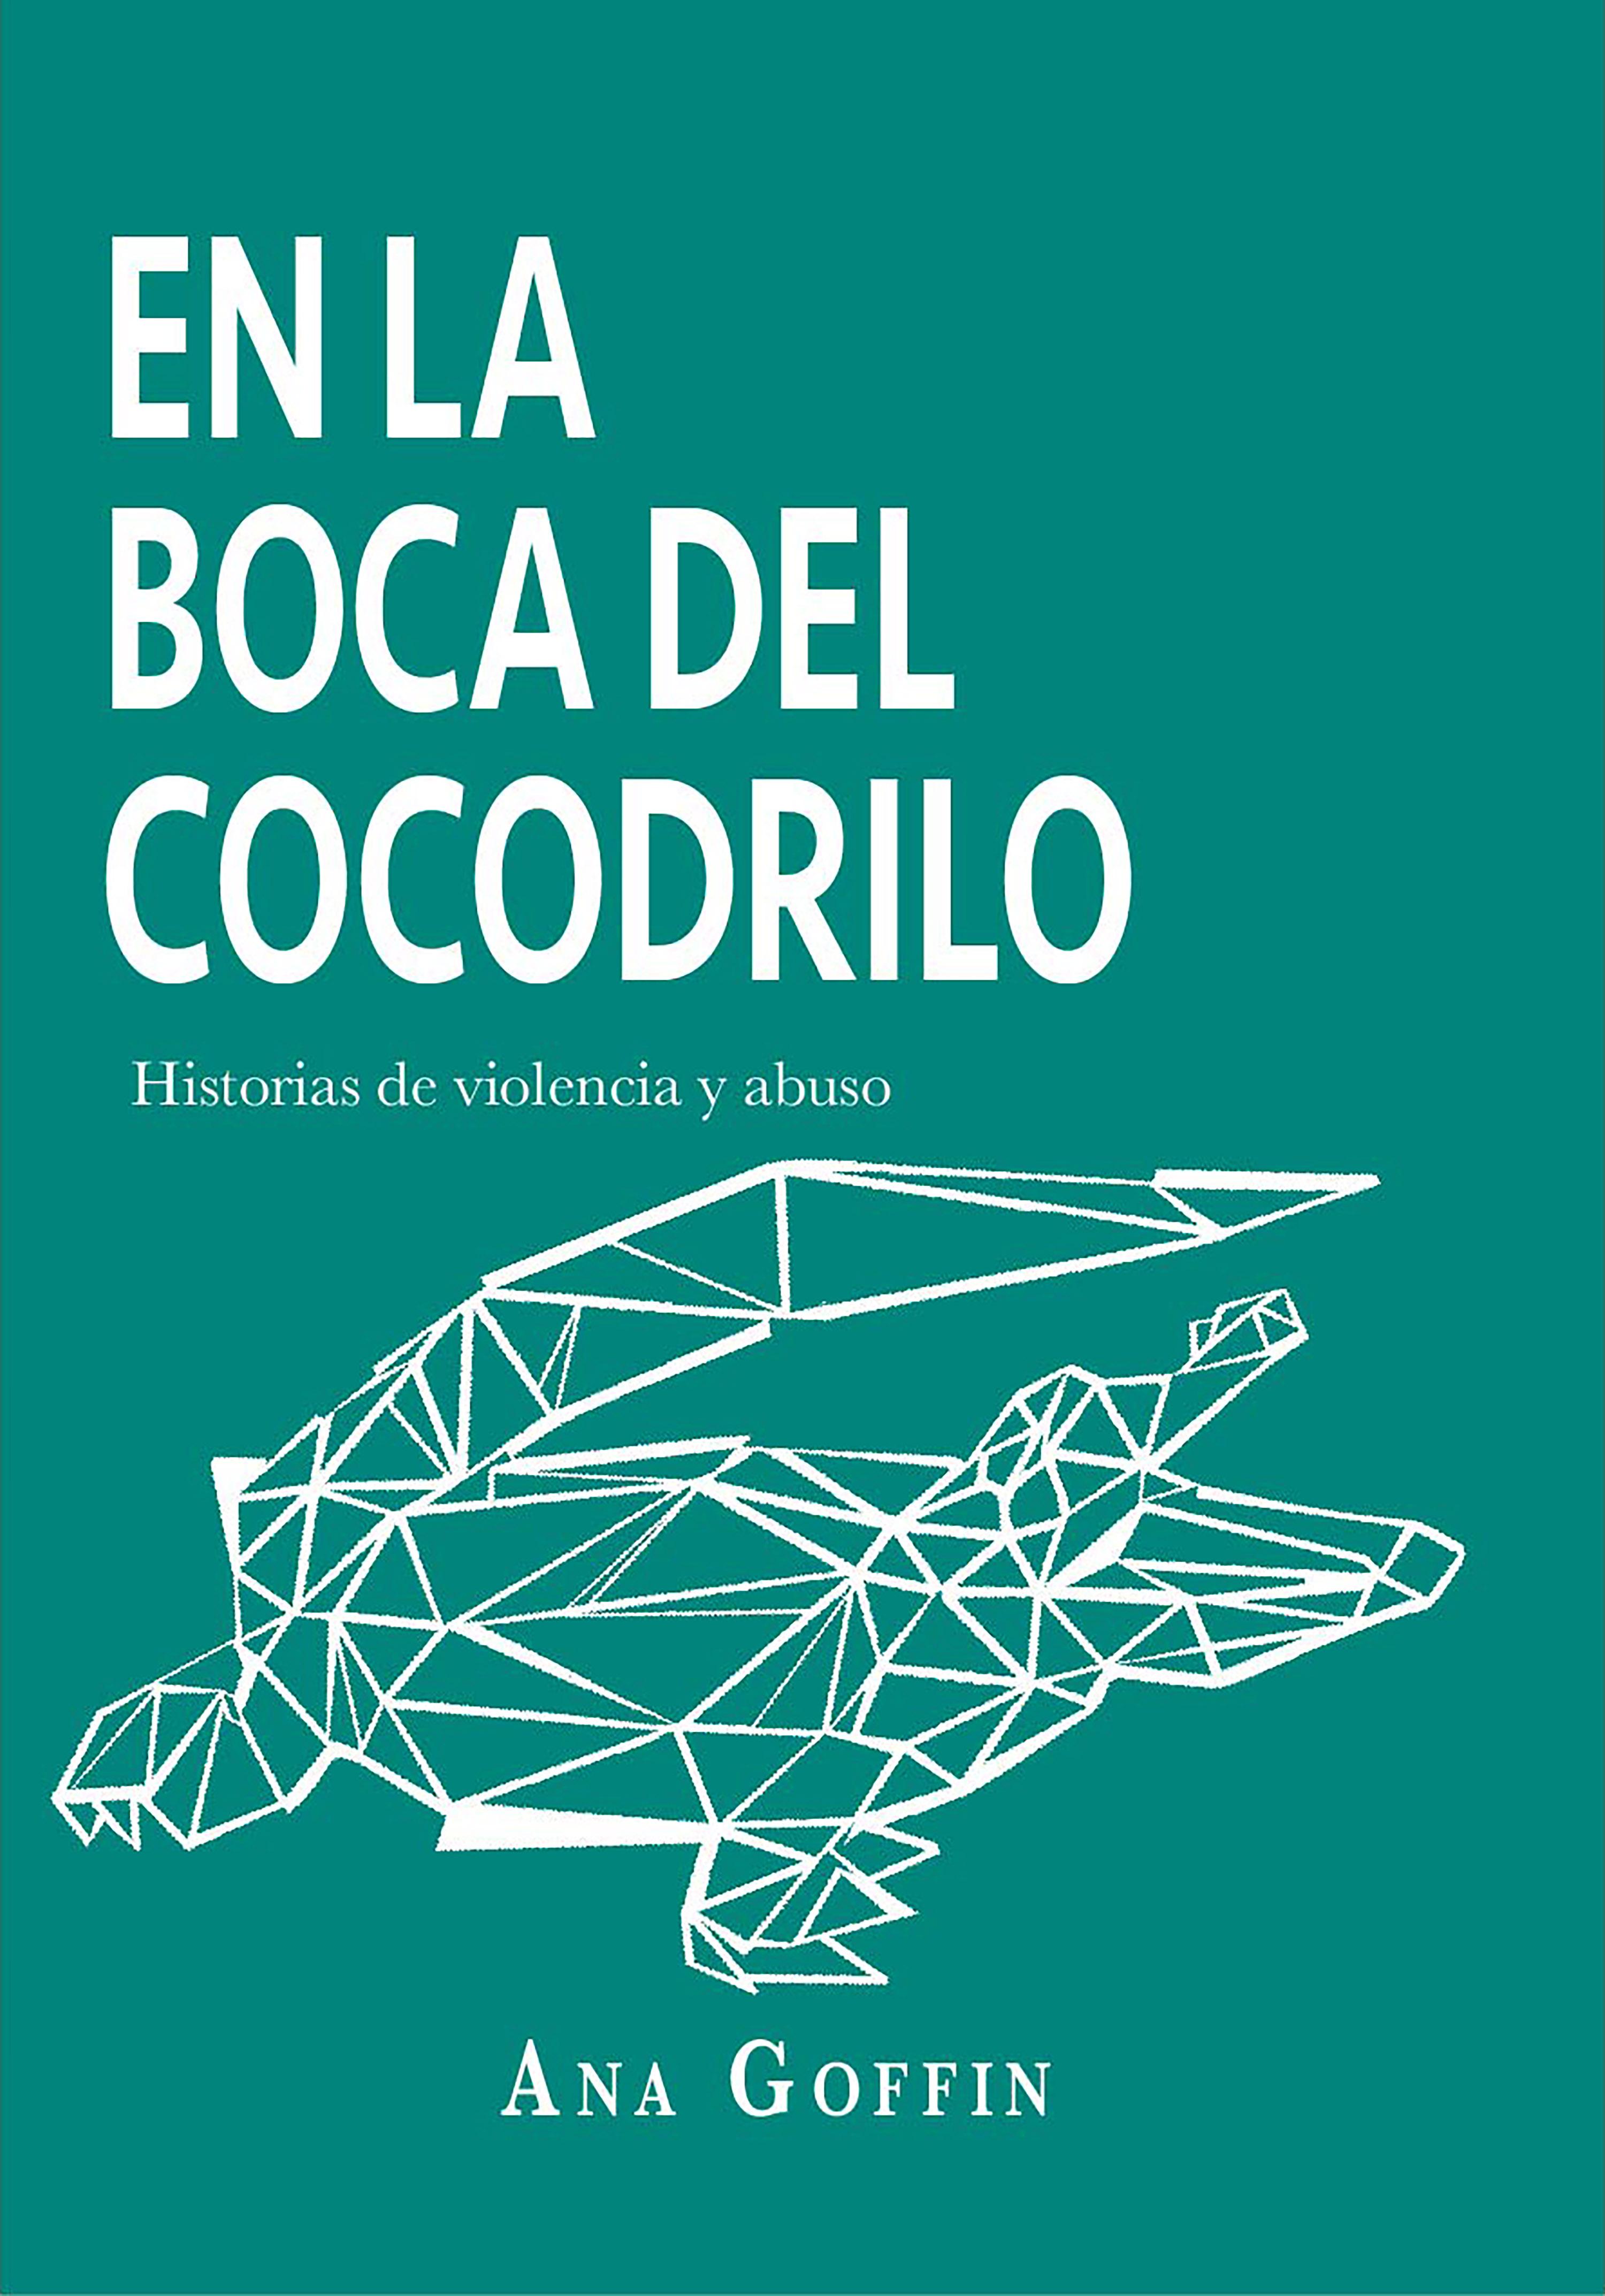 En la boca del cocodrilo: Historias de violencia y abuso